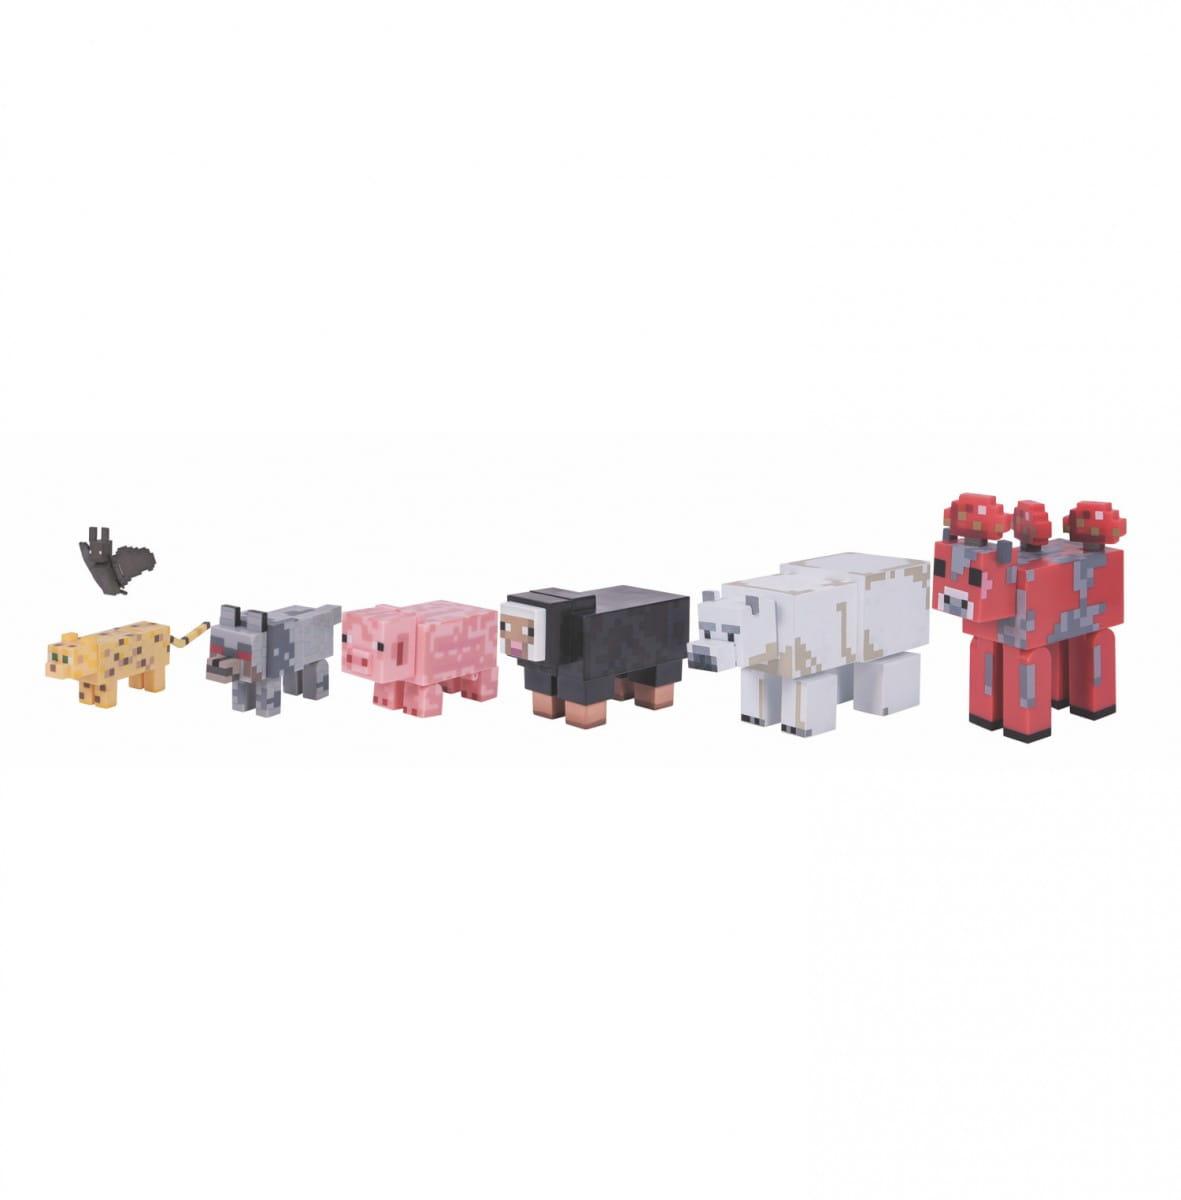 Игровой набор Minecraft Т59991 Фигурки животных